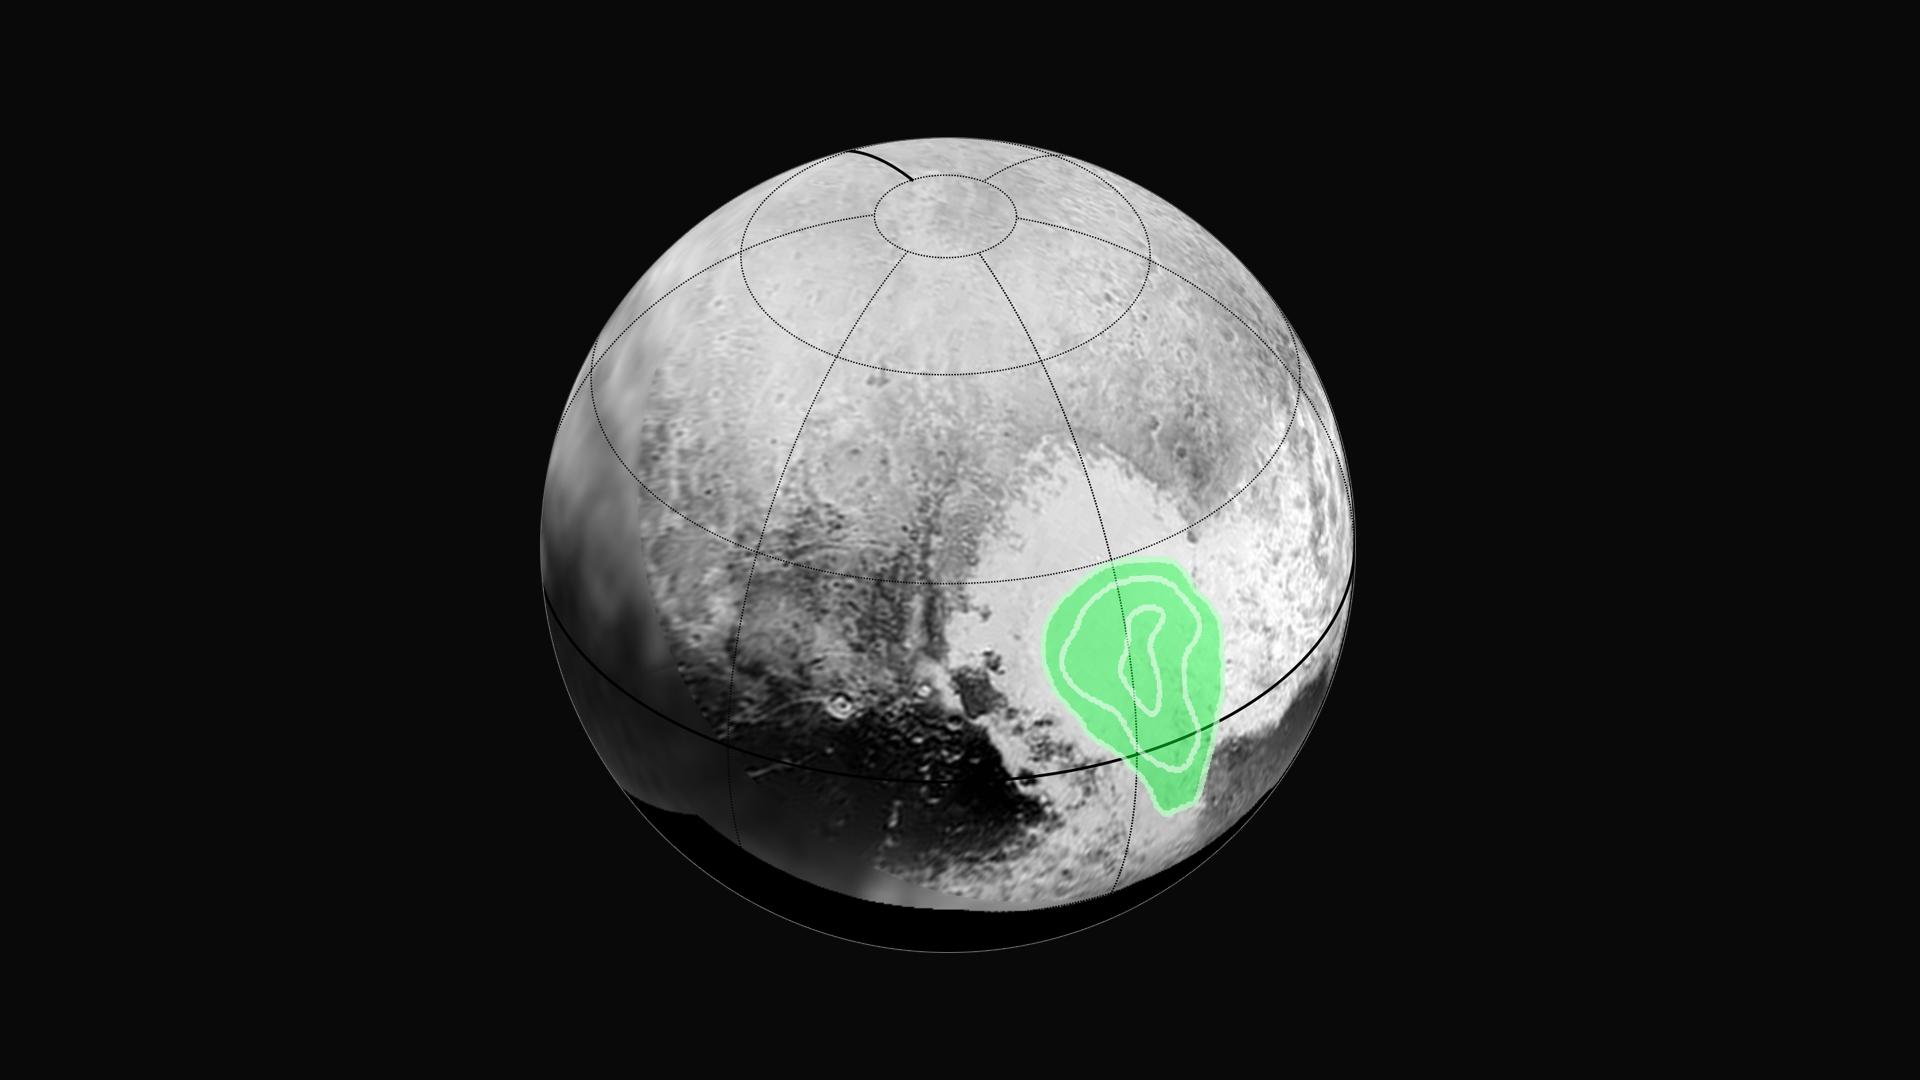 V západní části Tombaugh Regio lze vidět známý útvar v podobě srdce, který podle zjisštění sondy New Horizons sestává ze zmrzlého oxidu uhelnatého, jehož koncentrace roste směrem ke středu útvaru